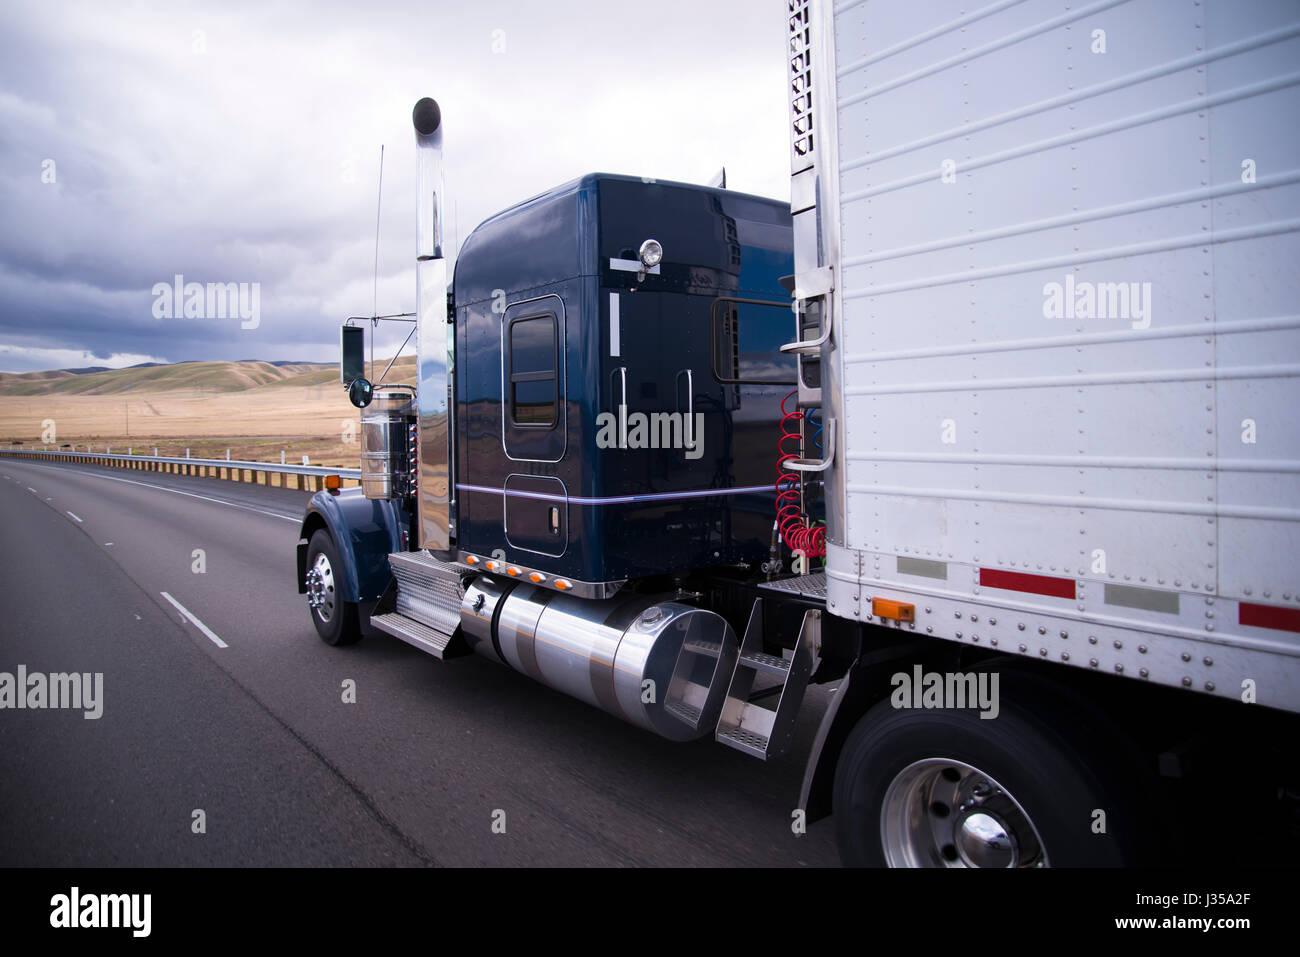 Amerikanischer Kühlschrank Flach : Klassische haubenfahrzeug amerikanische sattelschlepper mit chrom